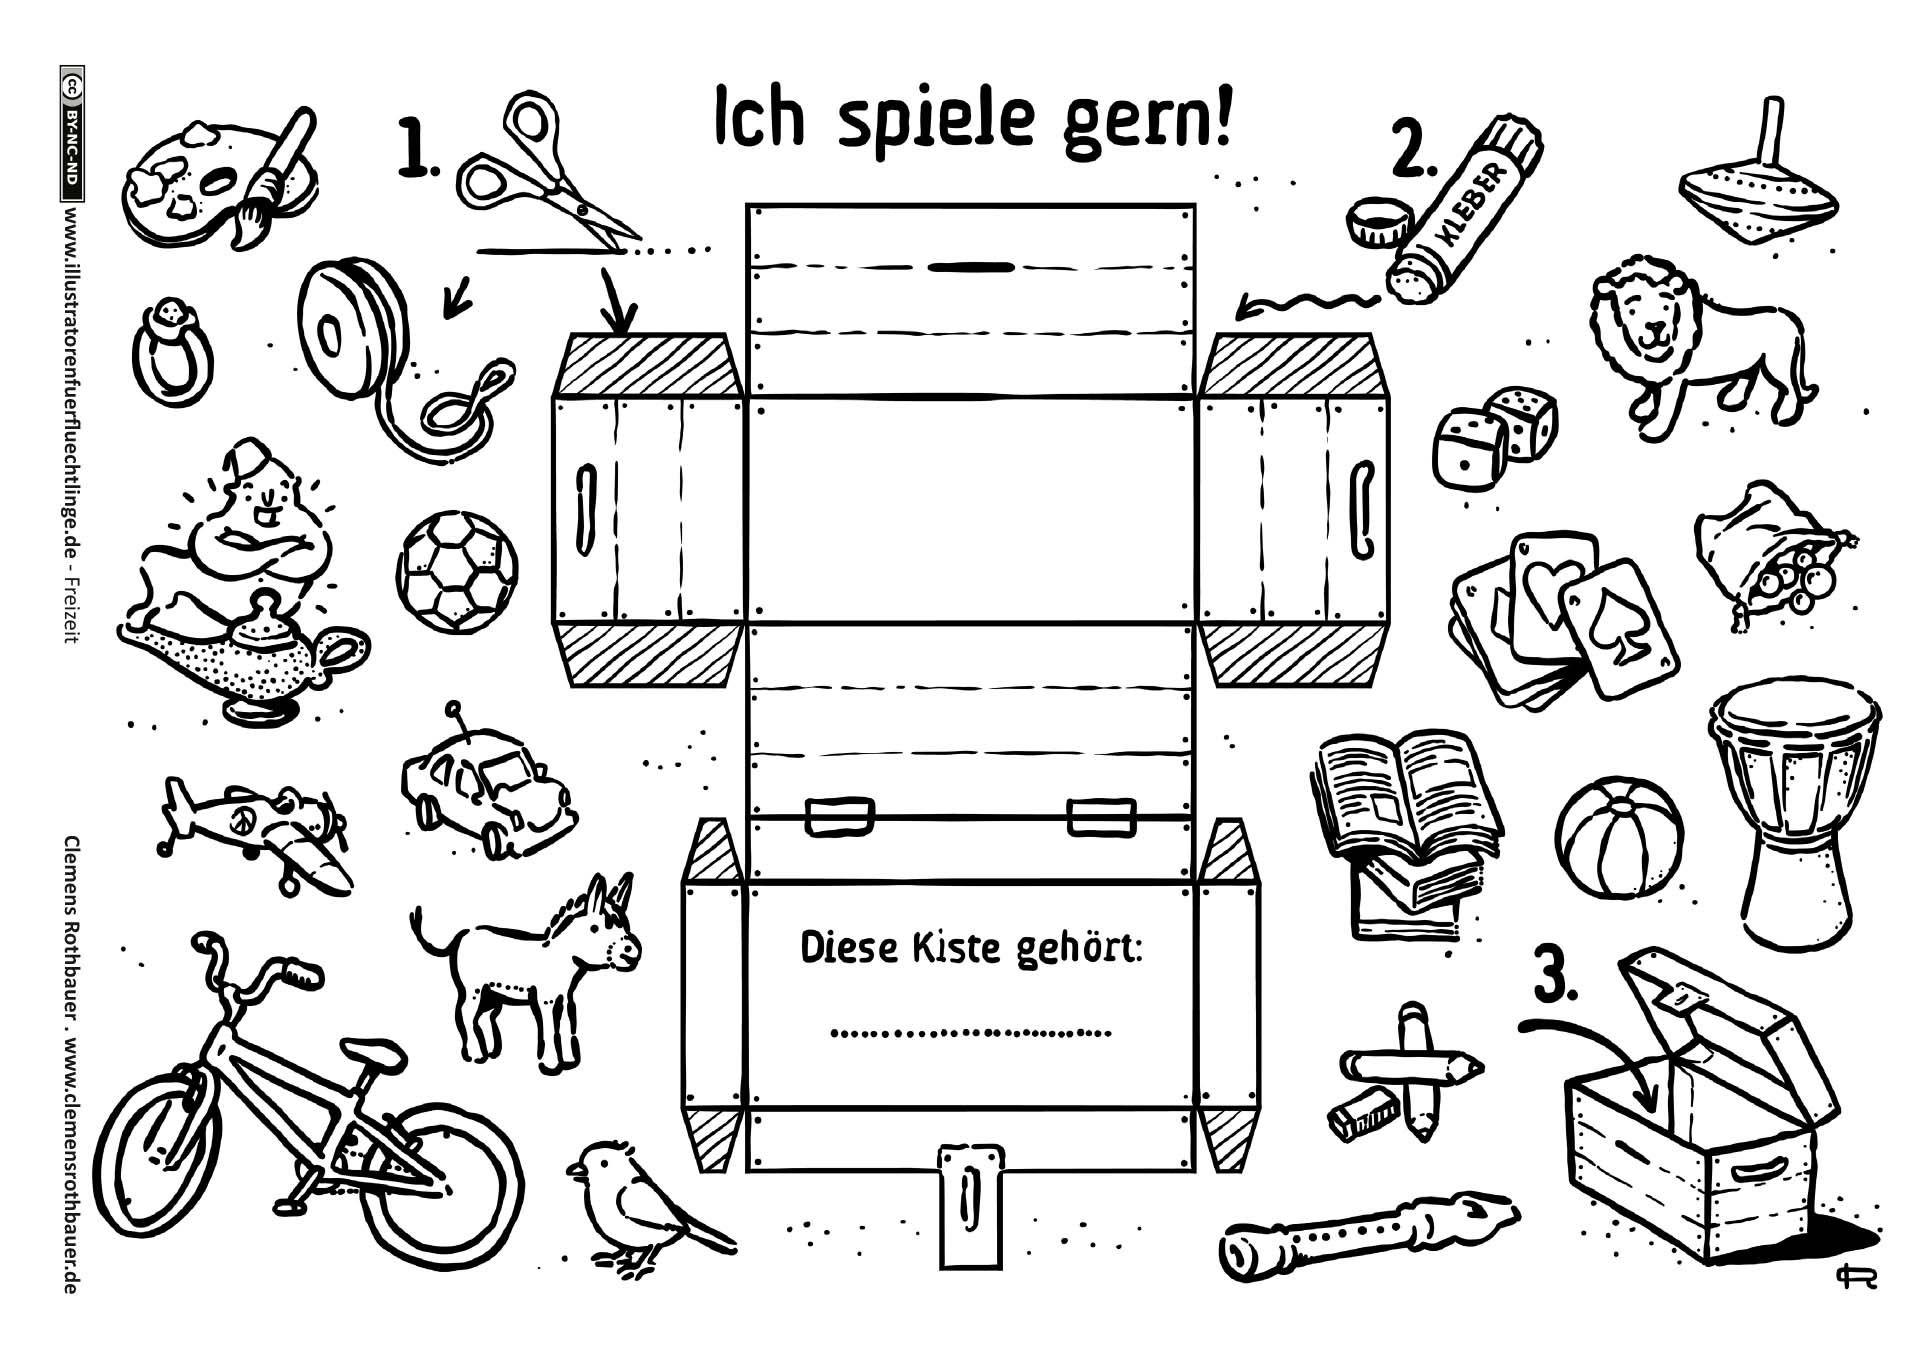 Download als pdf freizeit spielzeug schatzkiste basteln rothbauer kids preschool - Schatzkiste basteln ...